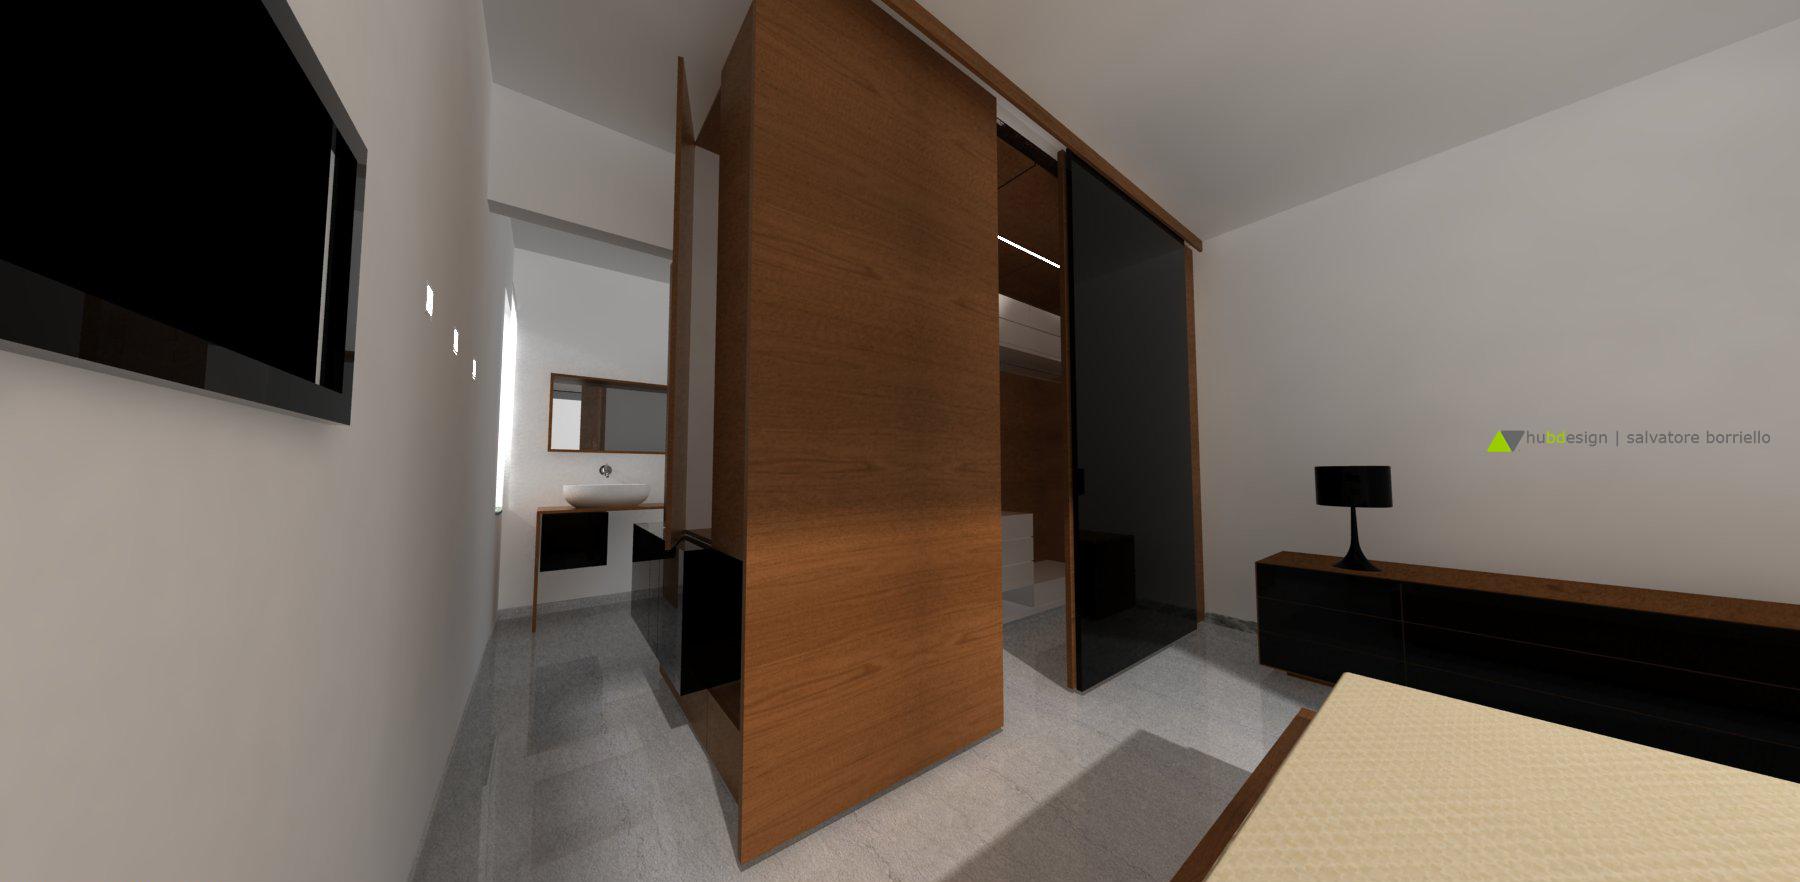 Progetto di interior design per casa spataro - Cabina armadio con bagno ...